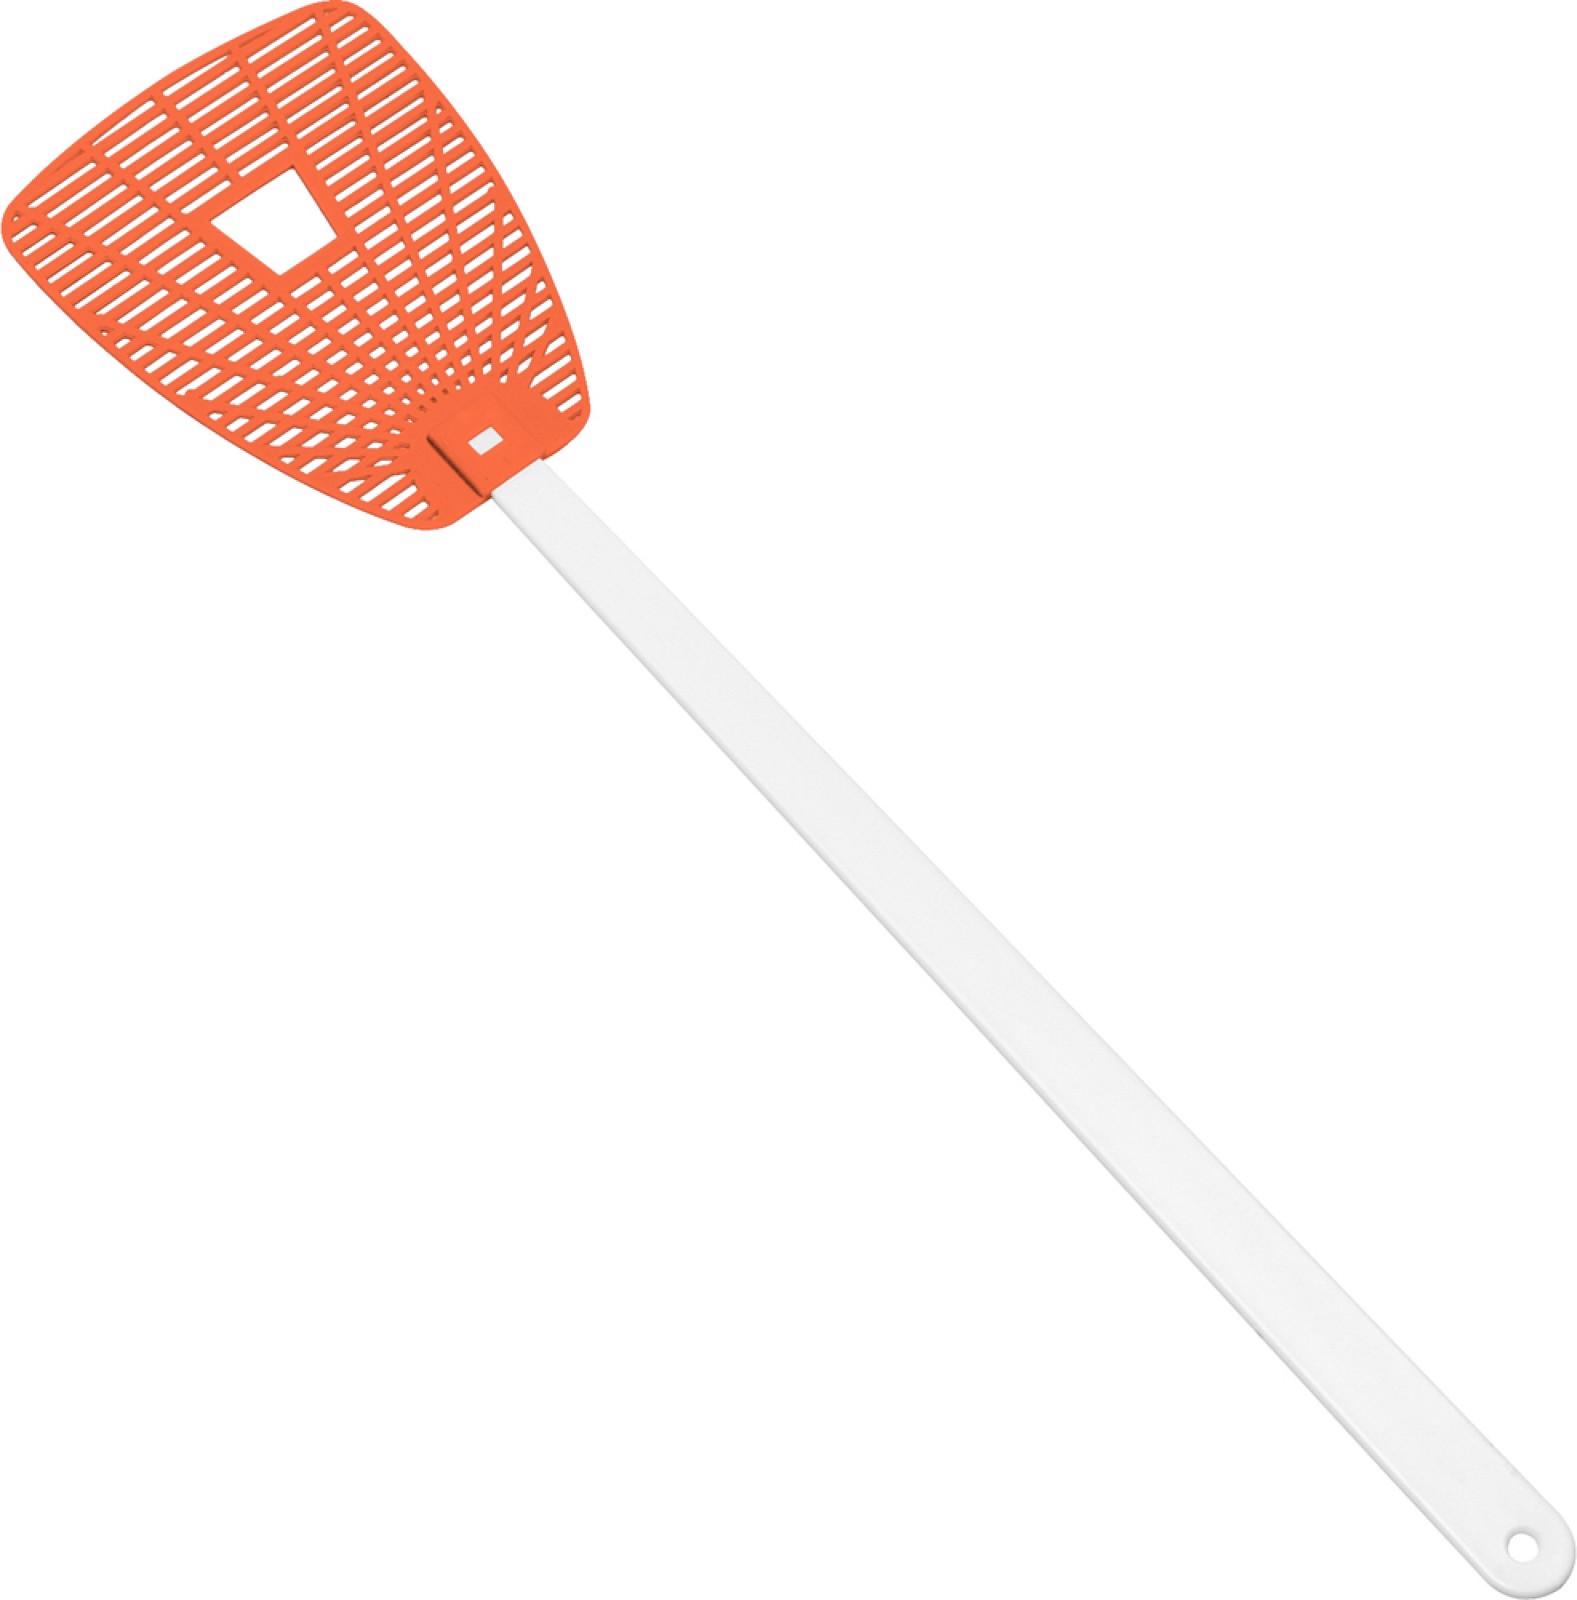 PP flyswatter - Orange